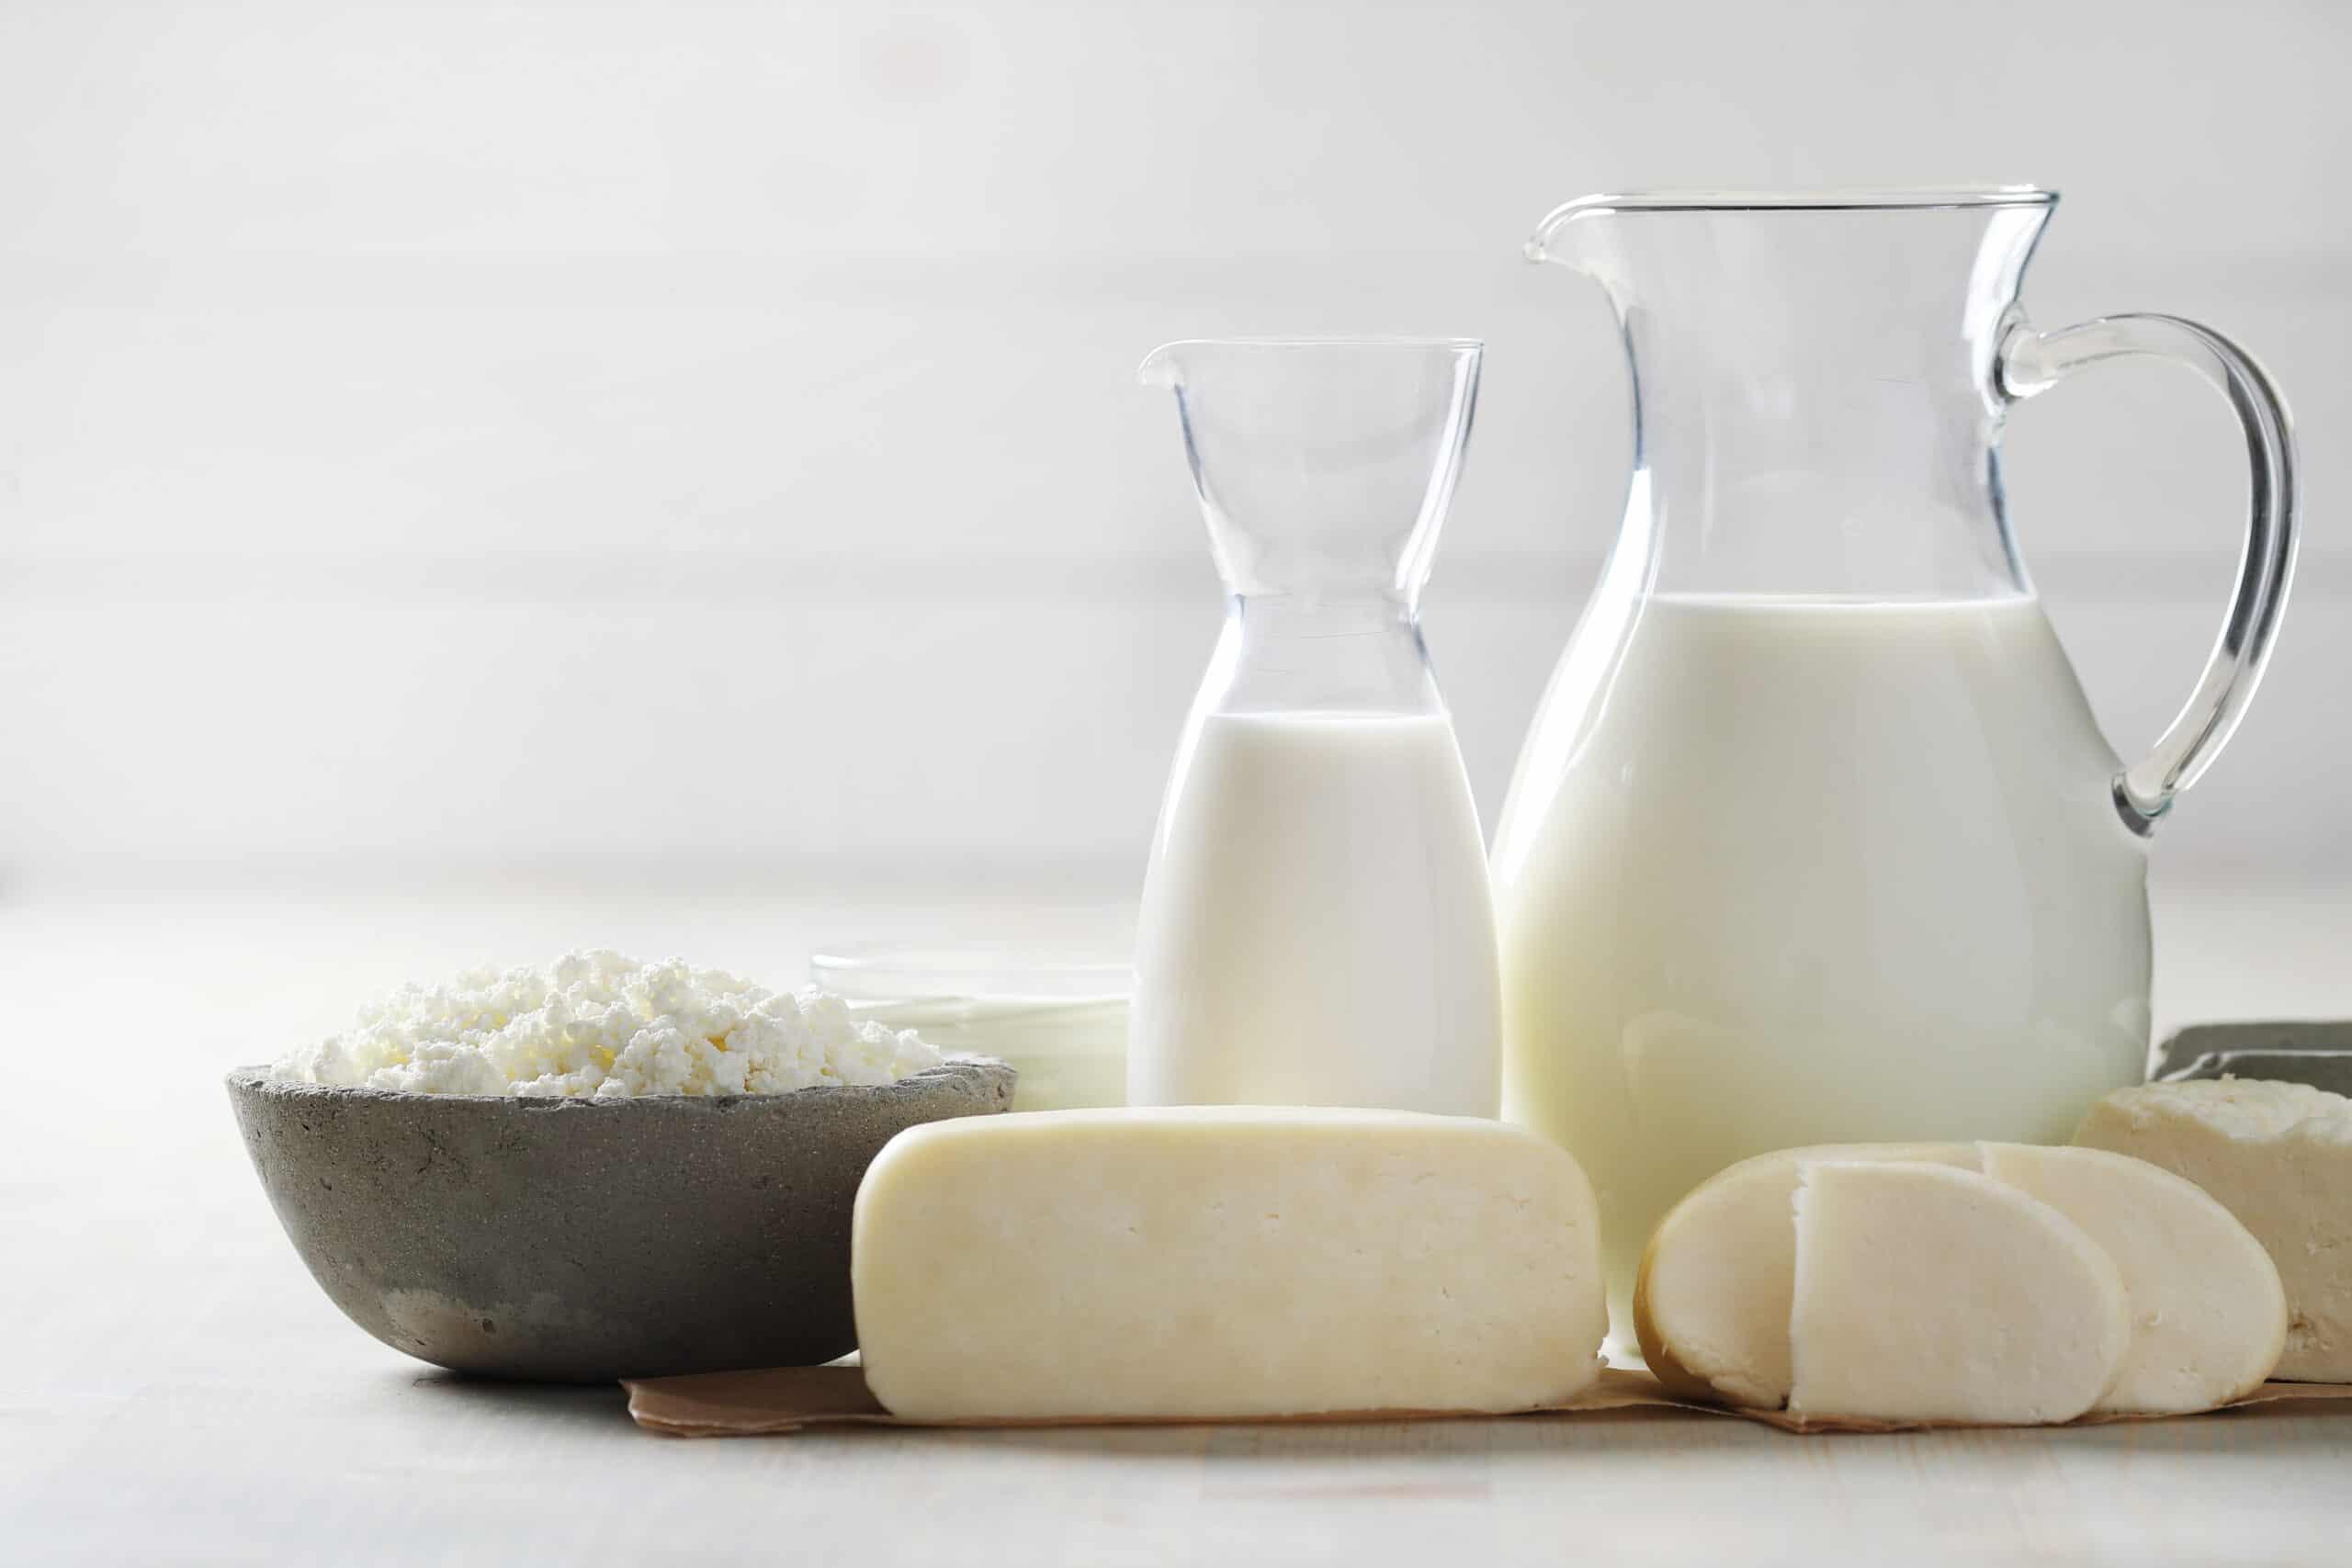 Food Allergies and Food Sensitivities